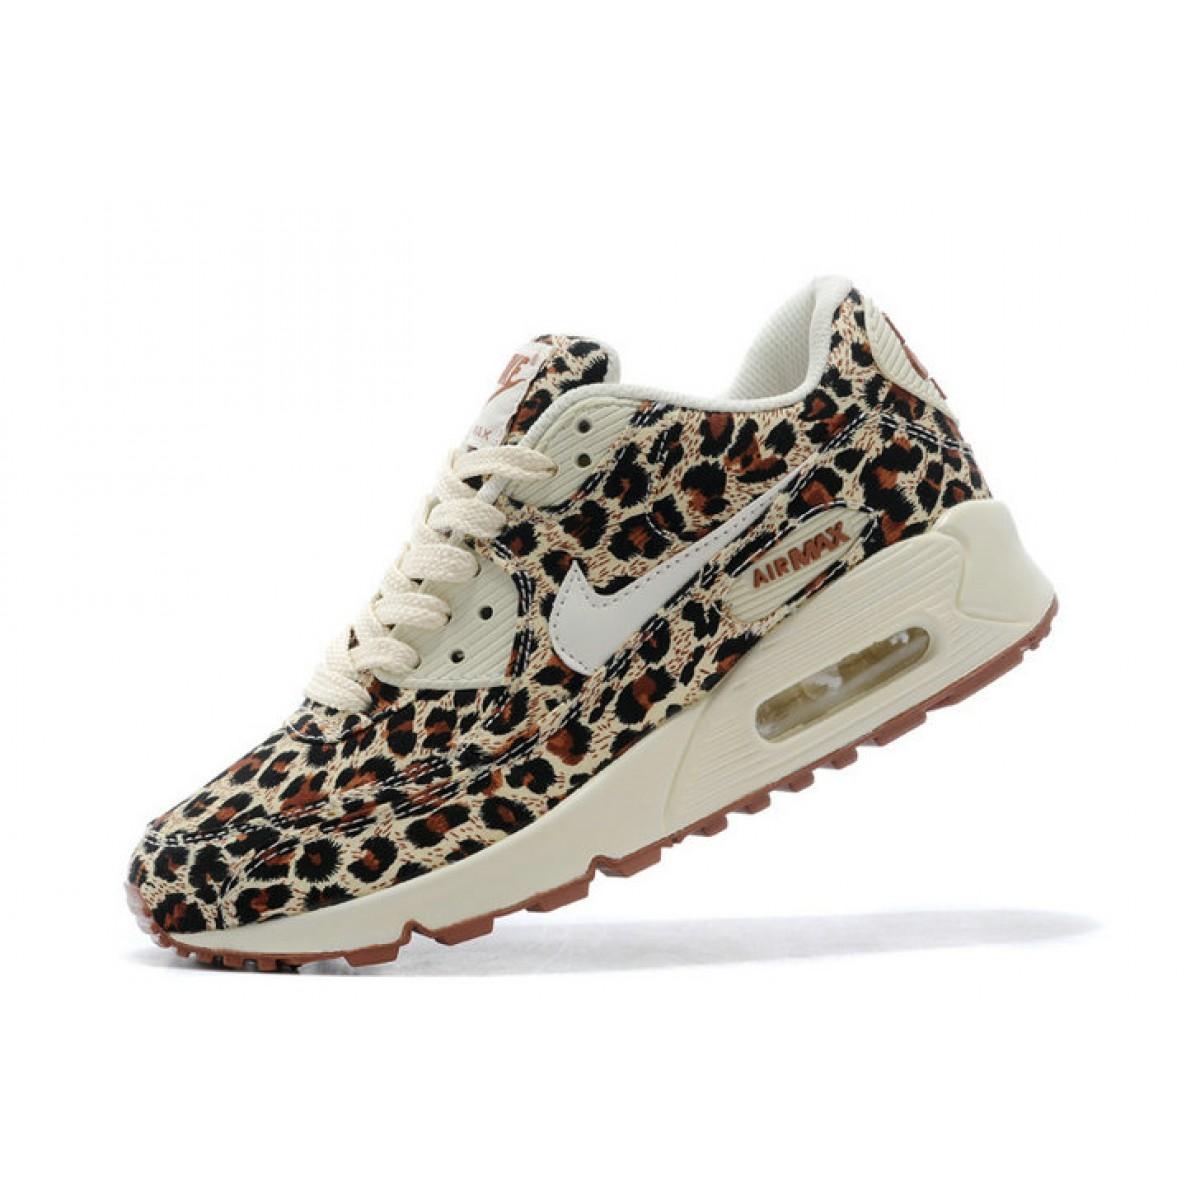 nike leopard femme prix,nike air max 90 femme leopard